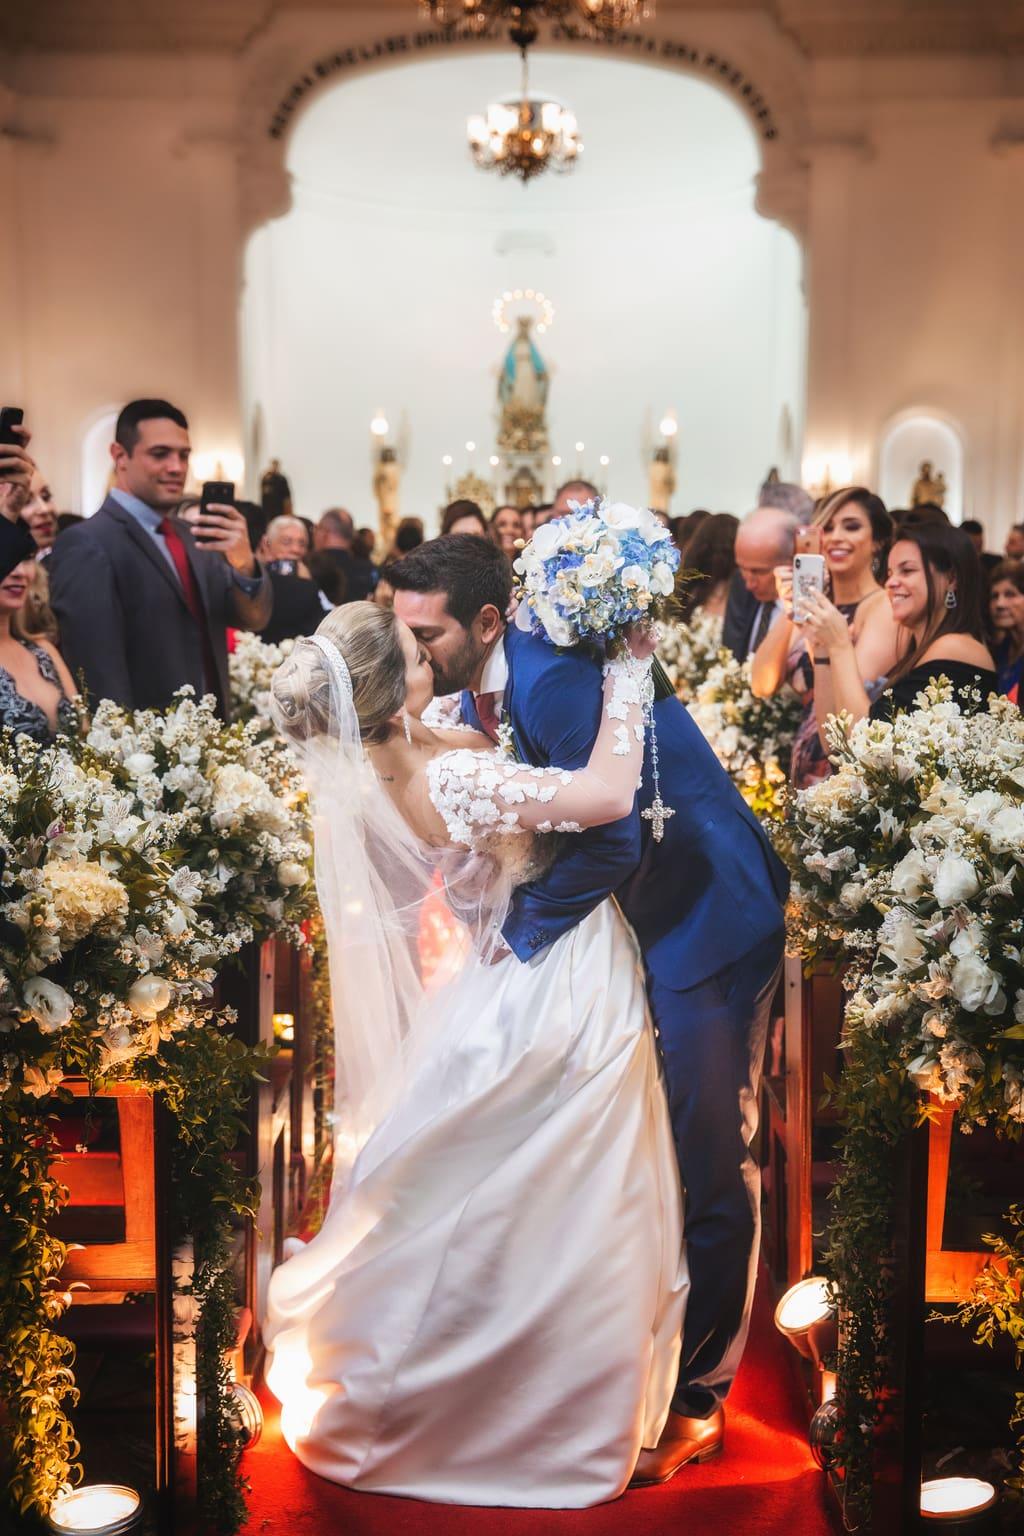 casamento-clássico-casamento-tradicional-rio-de-janeiro-niterói-Fotografia-Giovani-Garcia-casamento-Cássia-e-Daniel-18-1